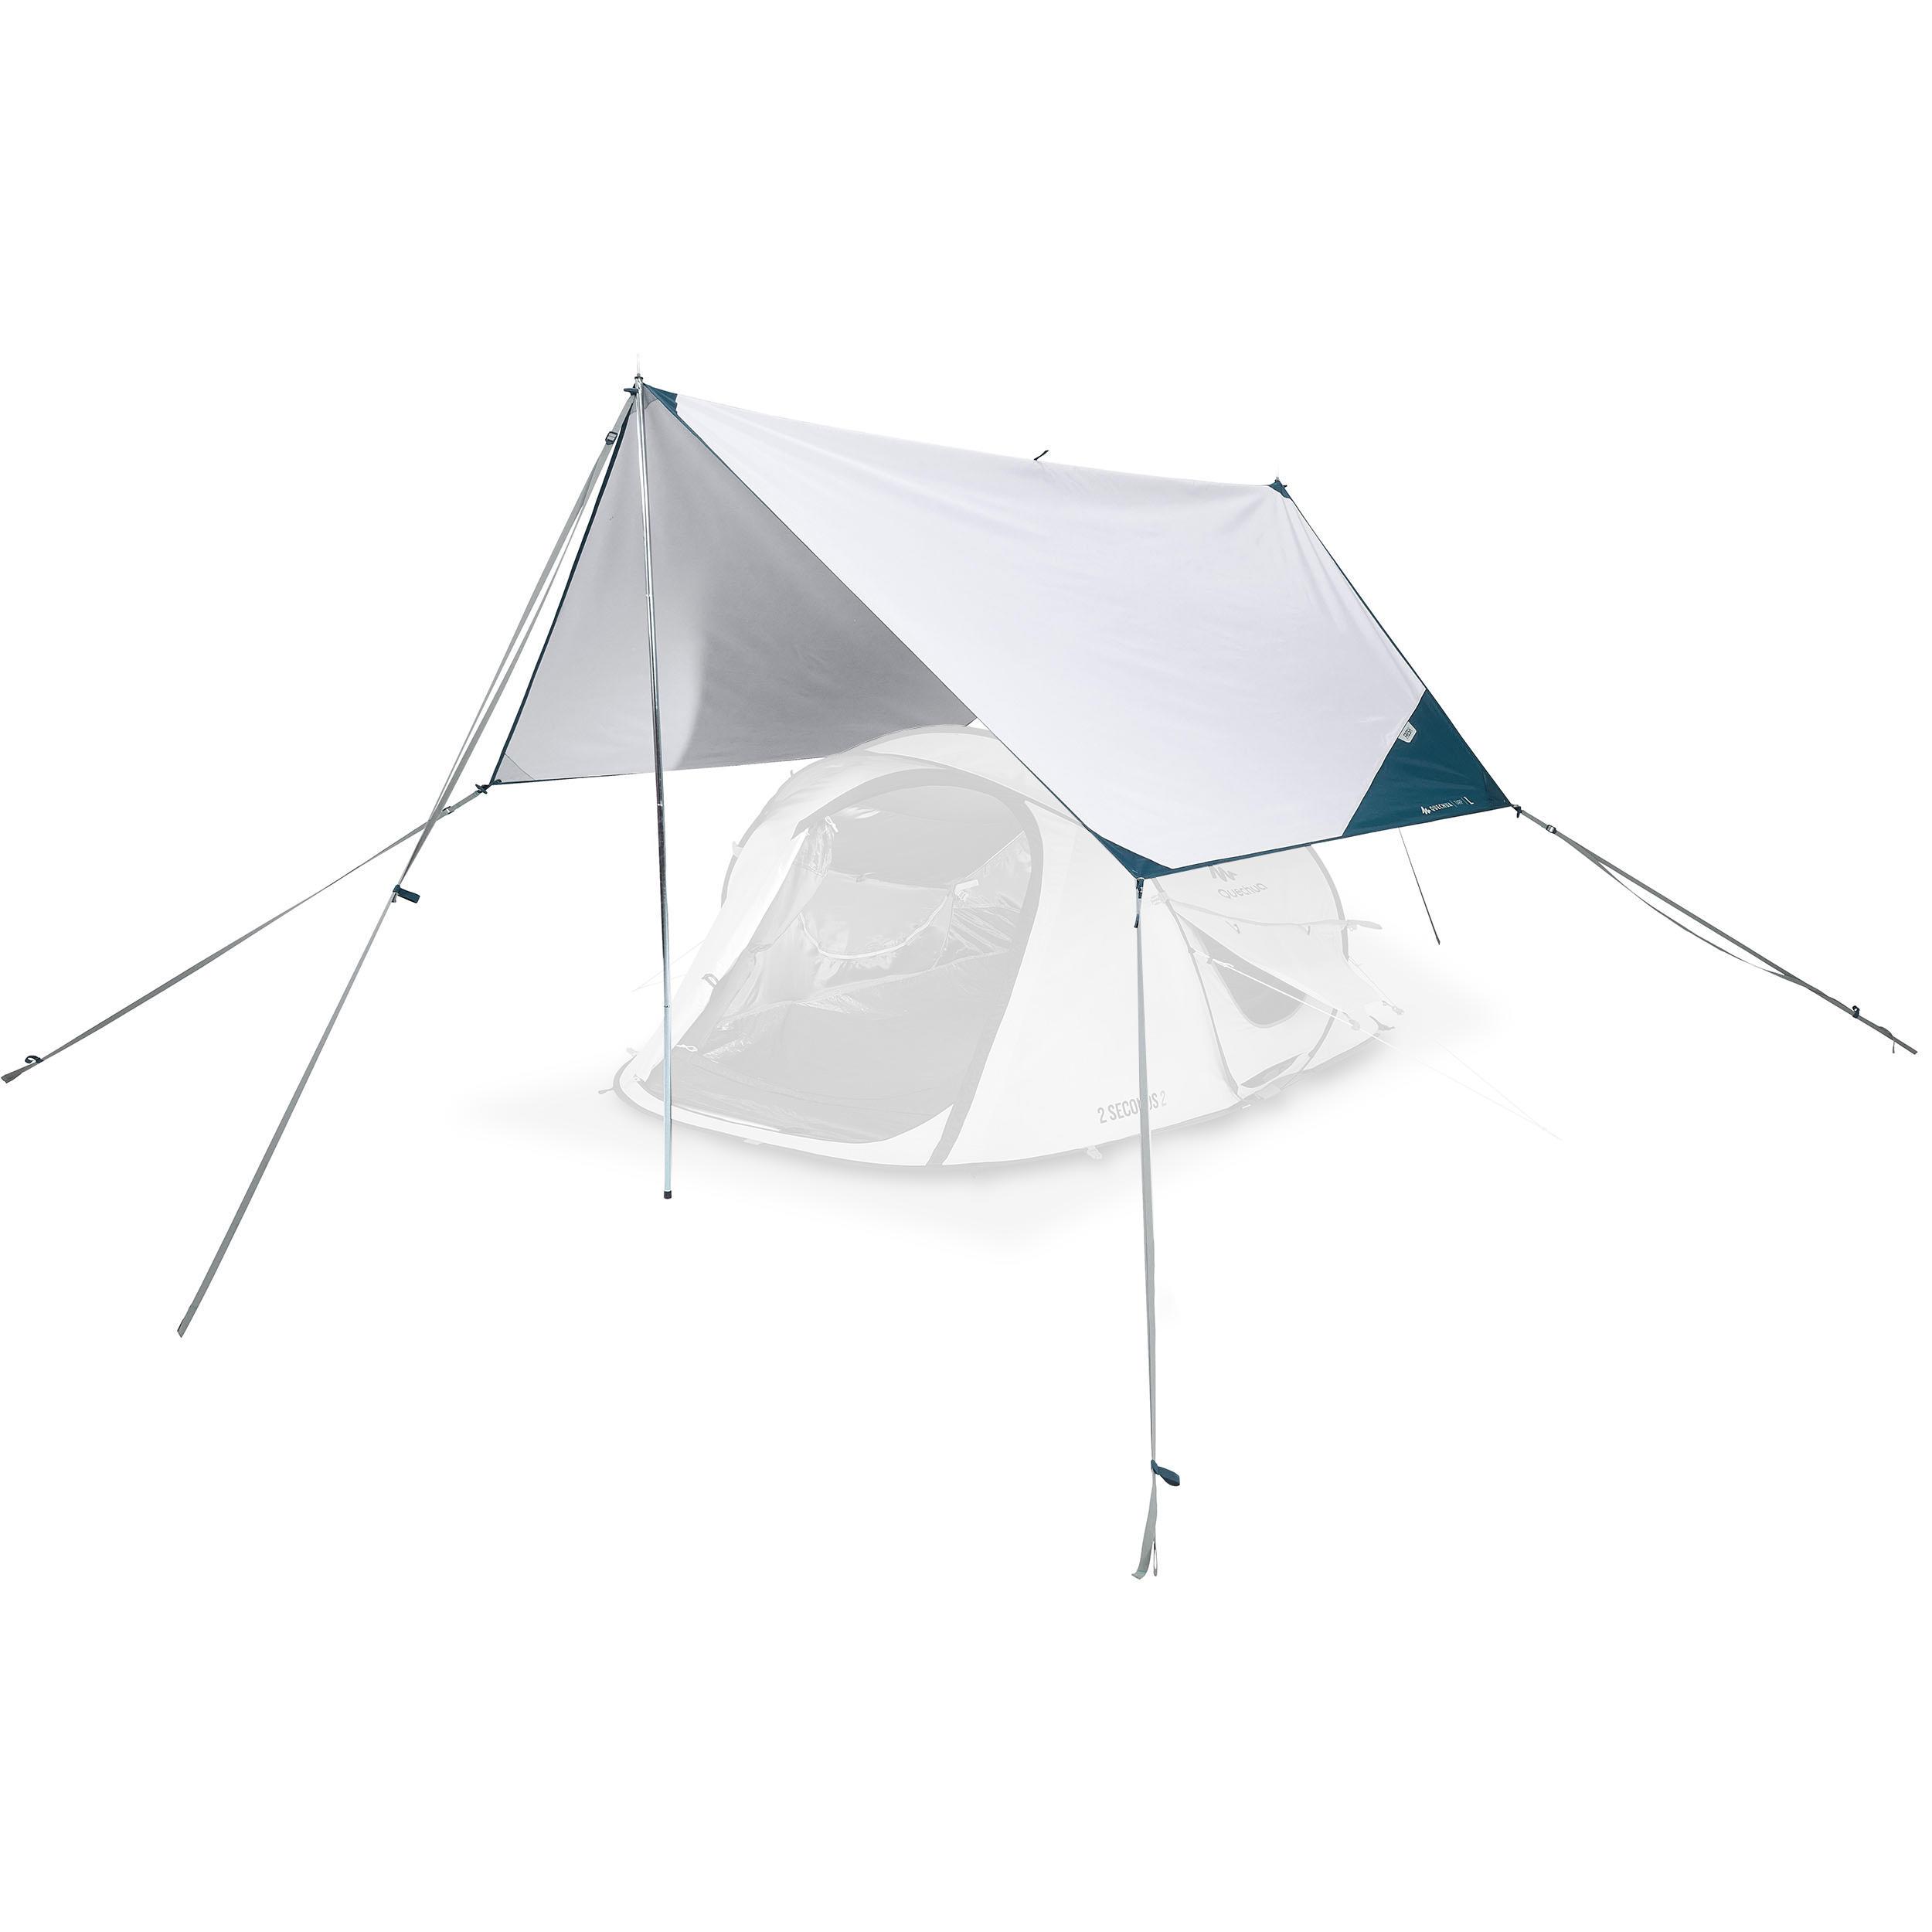 Canopy al Aire Libre Refugio de Playa Tienda de sombrilla Tienda Ligera de sombrilla con una Pared de Sombra incluida para Pesca Camping Viajes